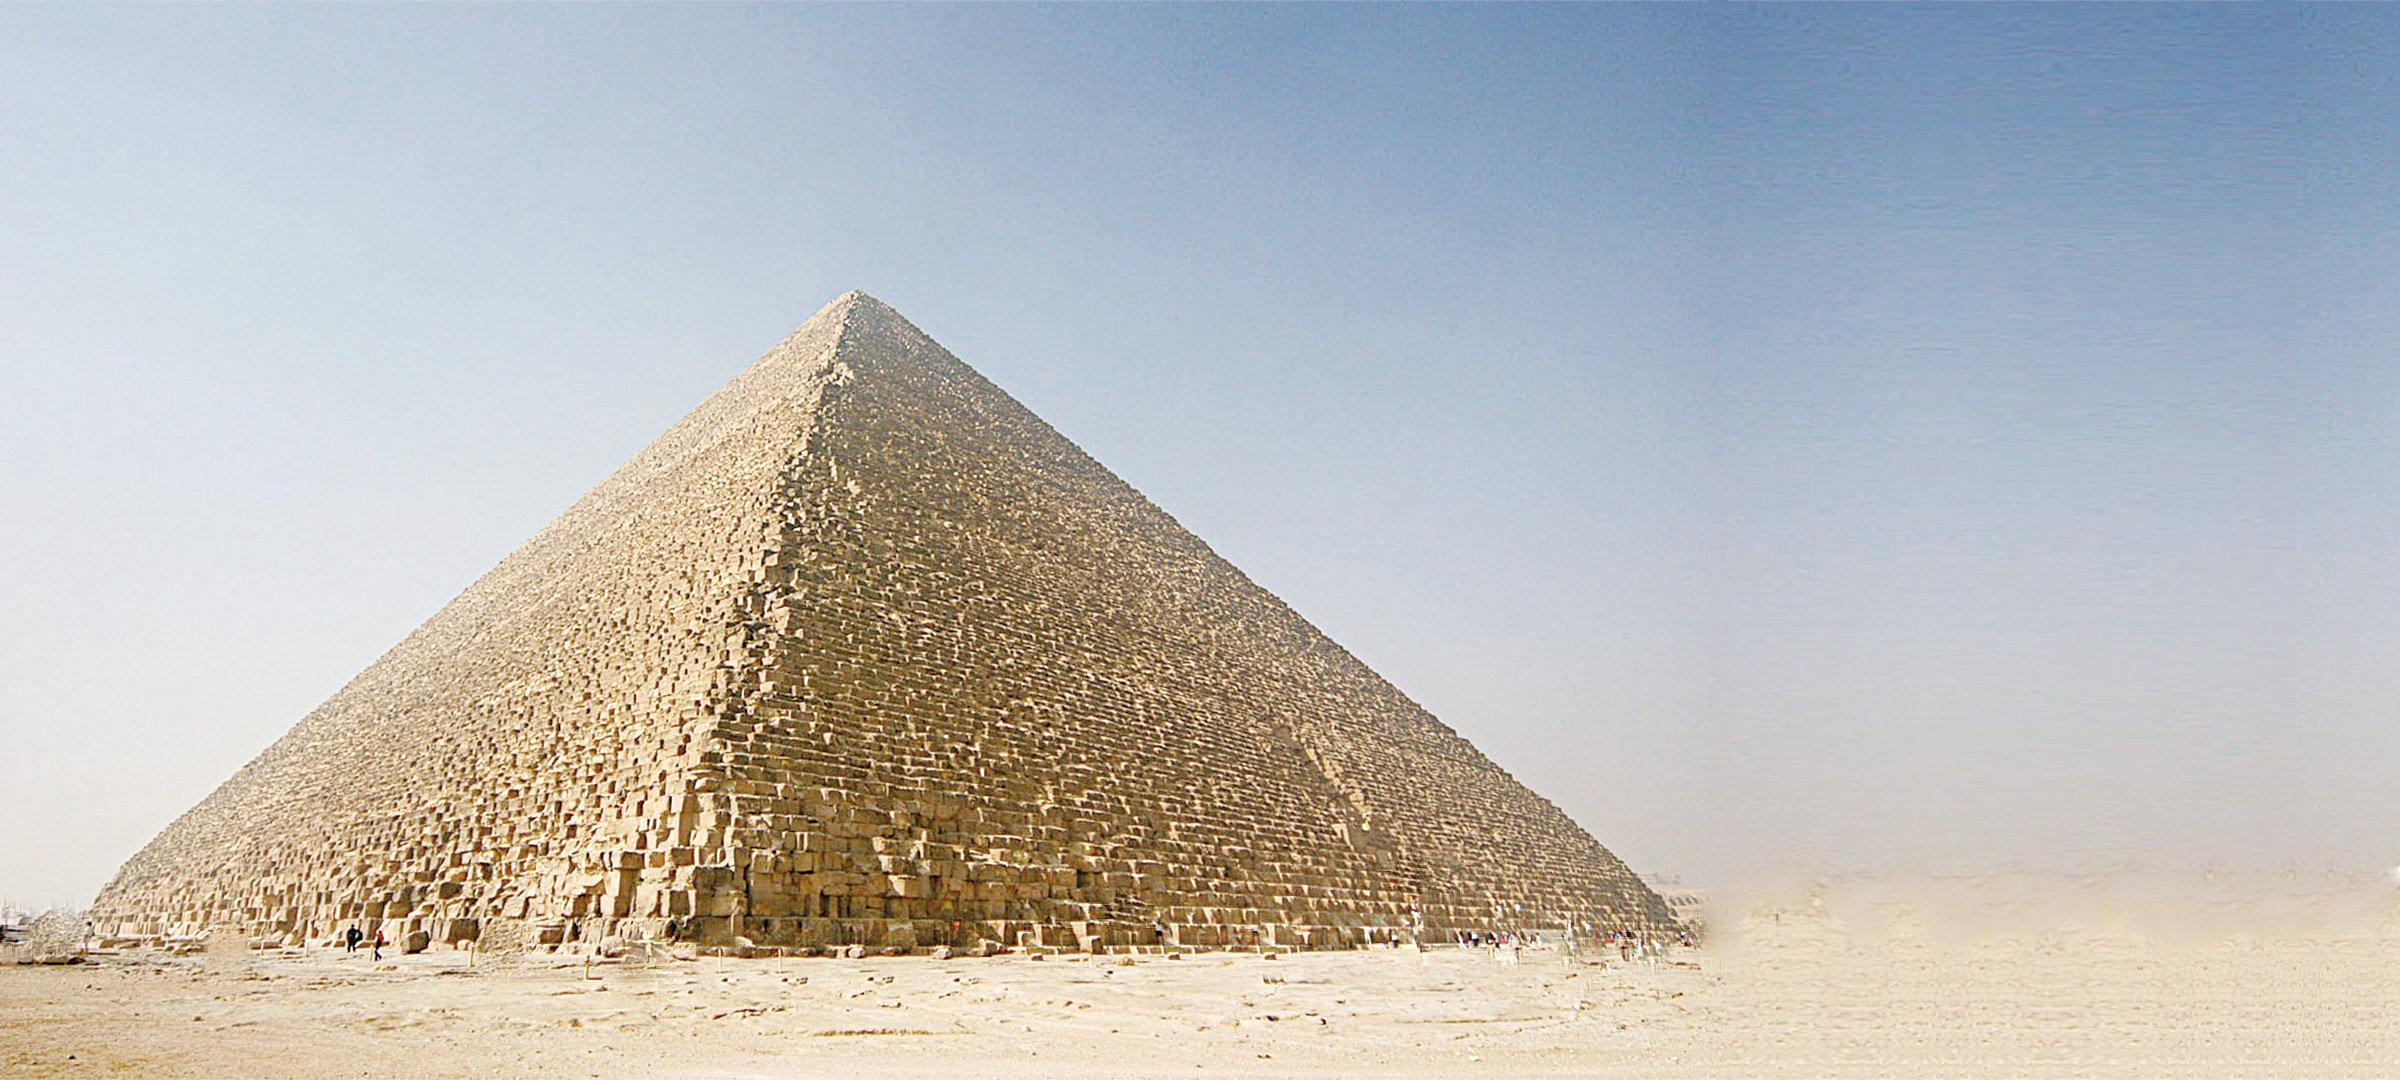 胡夫金字塔,也被稱作吉薩大金字塔,是埃及吉薩三座金字塔中最為古老也是最大的一座。(維基百科)